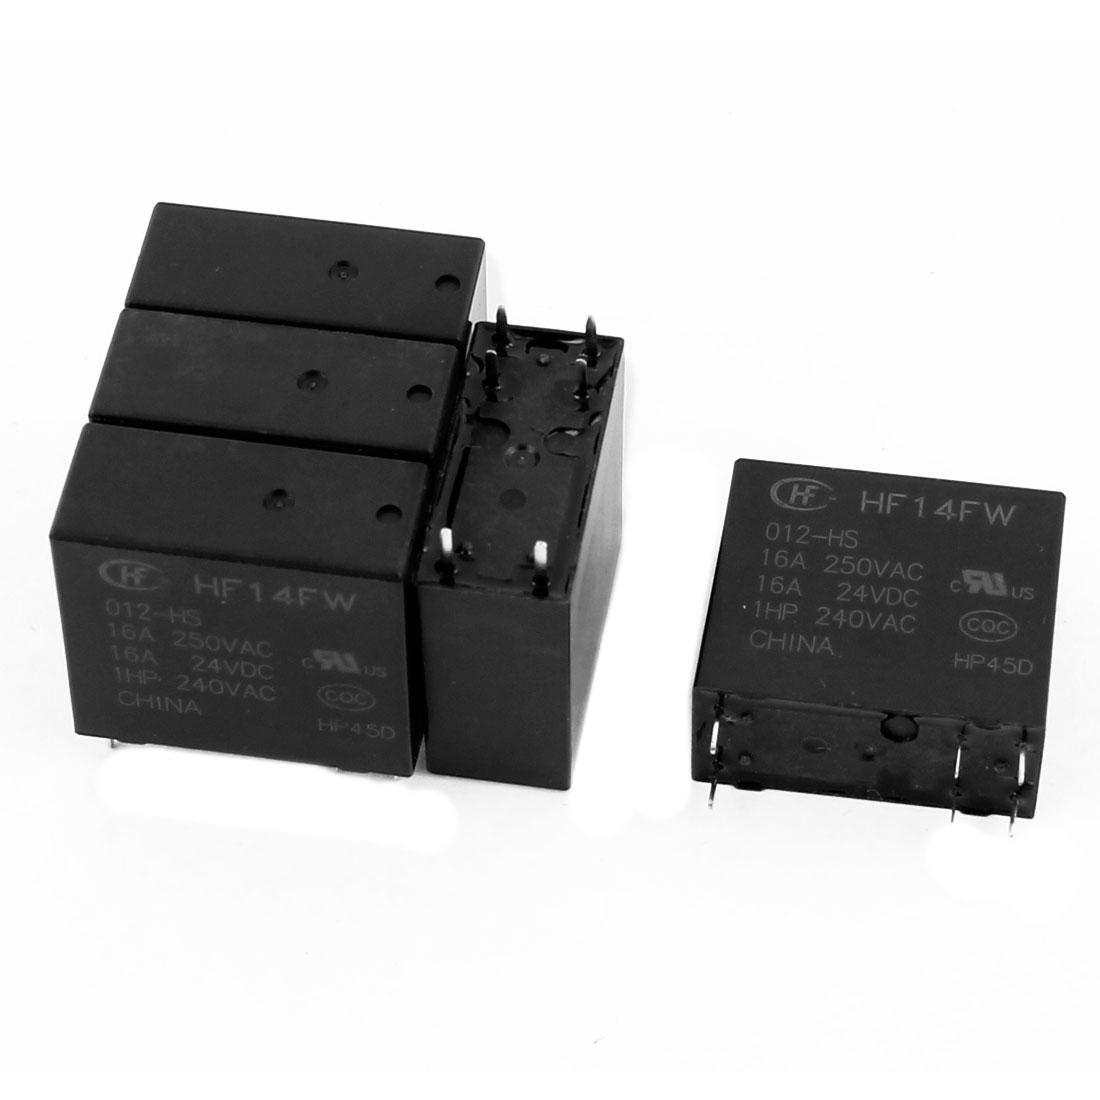 5 Pcs 24VDC 250VAC 16A 6 Terminal SPST NO HF14FW/012-HS Power Relay